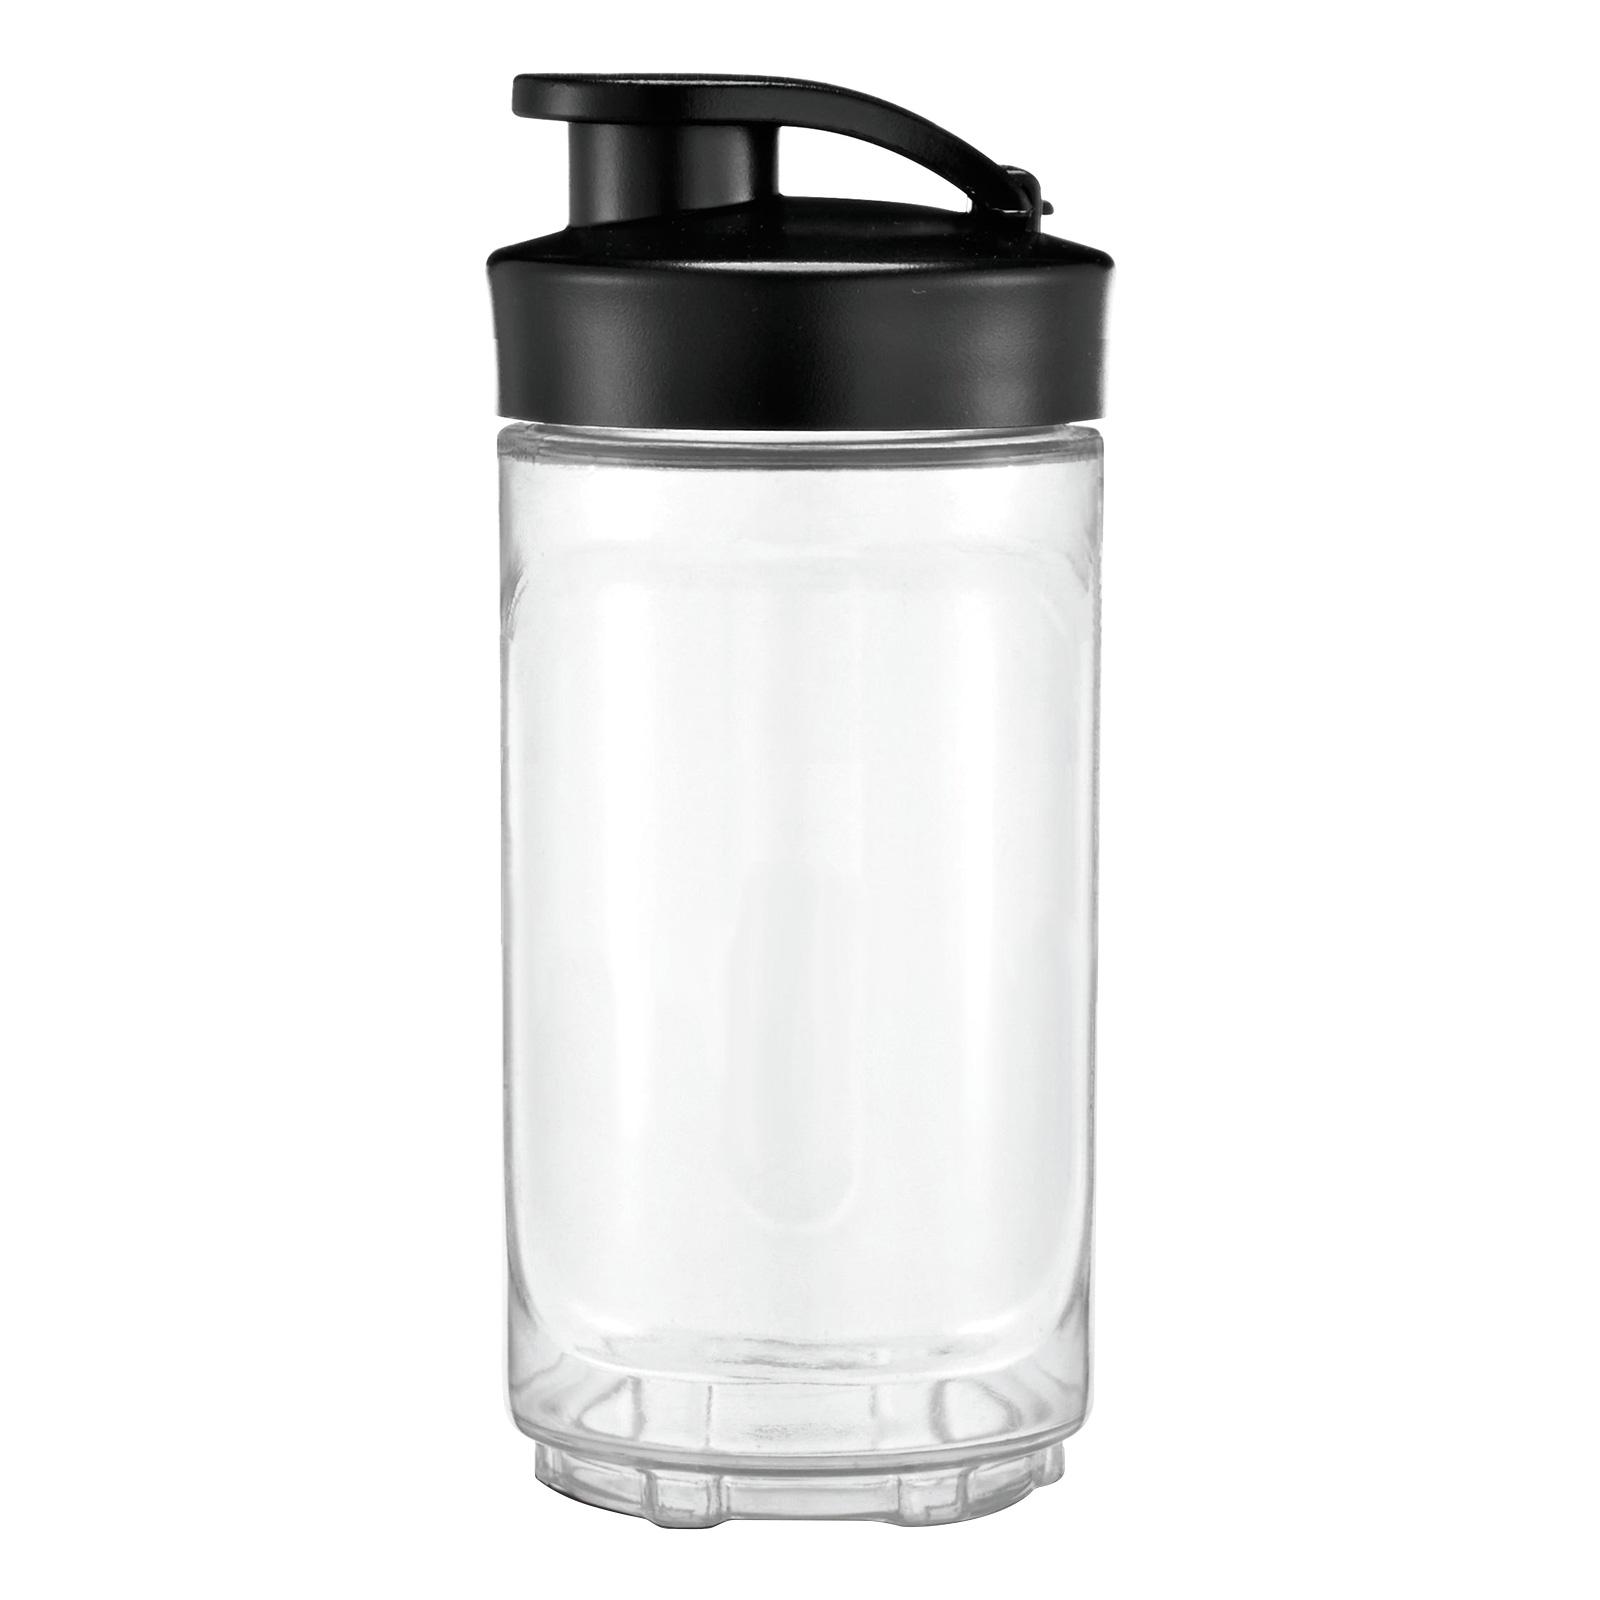 WMF Kult X mini 0,3L Trinkflasche Mixbehälter Smoothiemaker Standmixerzubehör